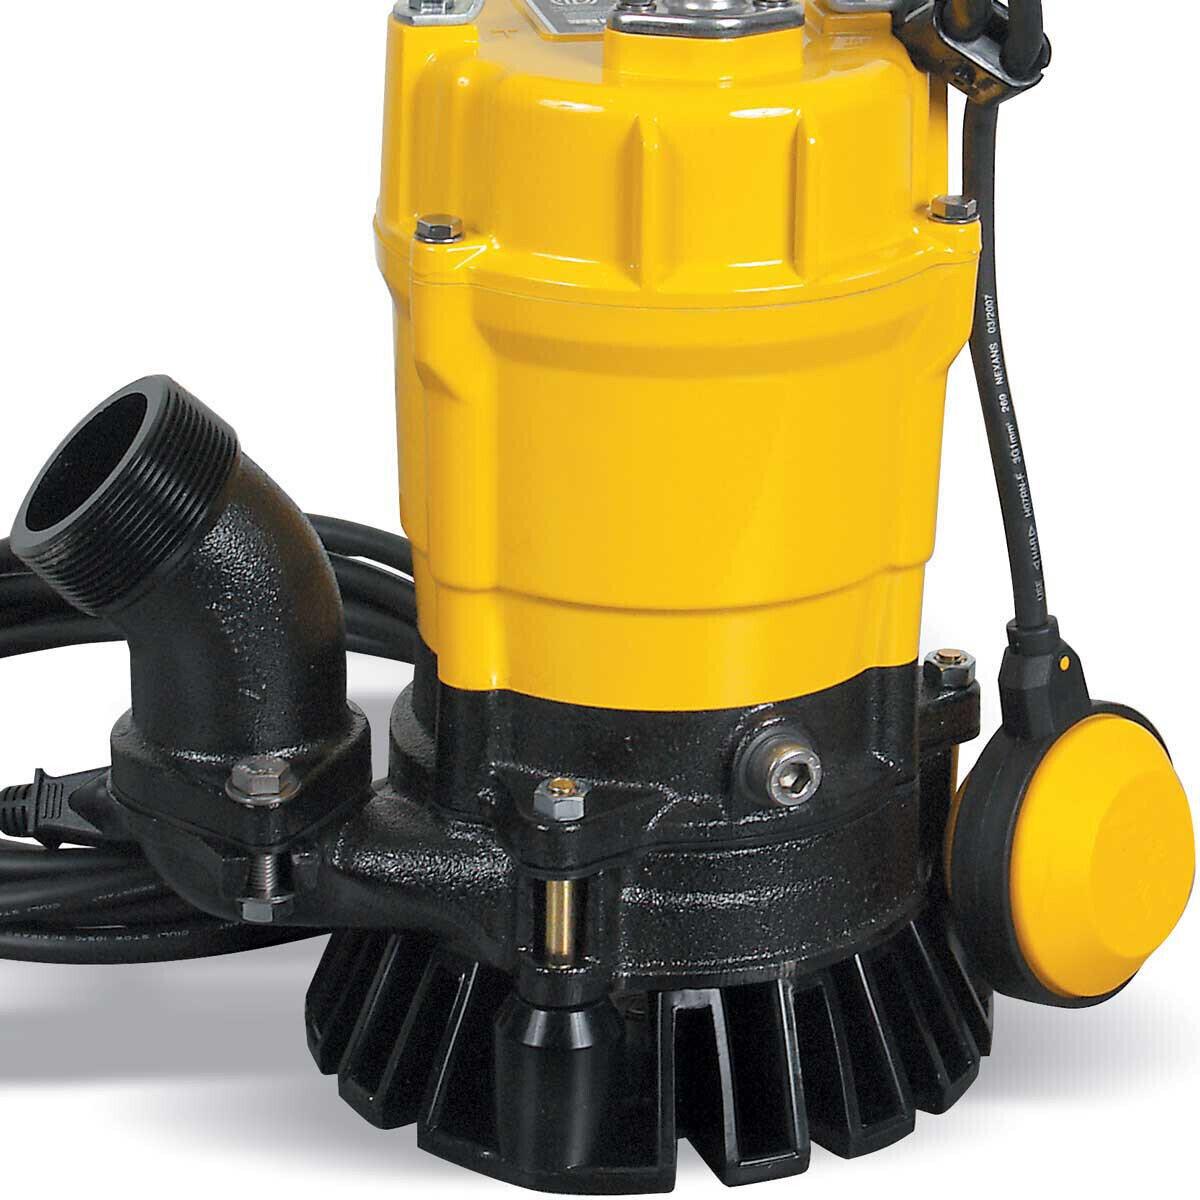 Wacker PSTF2-400 Pump Discharge port